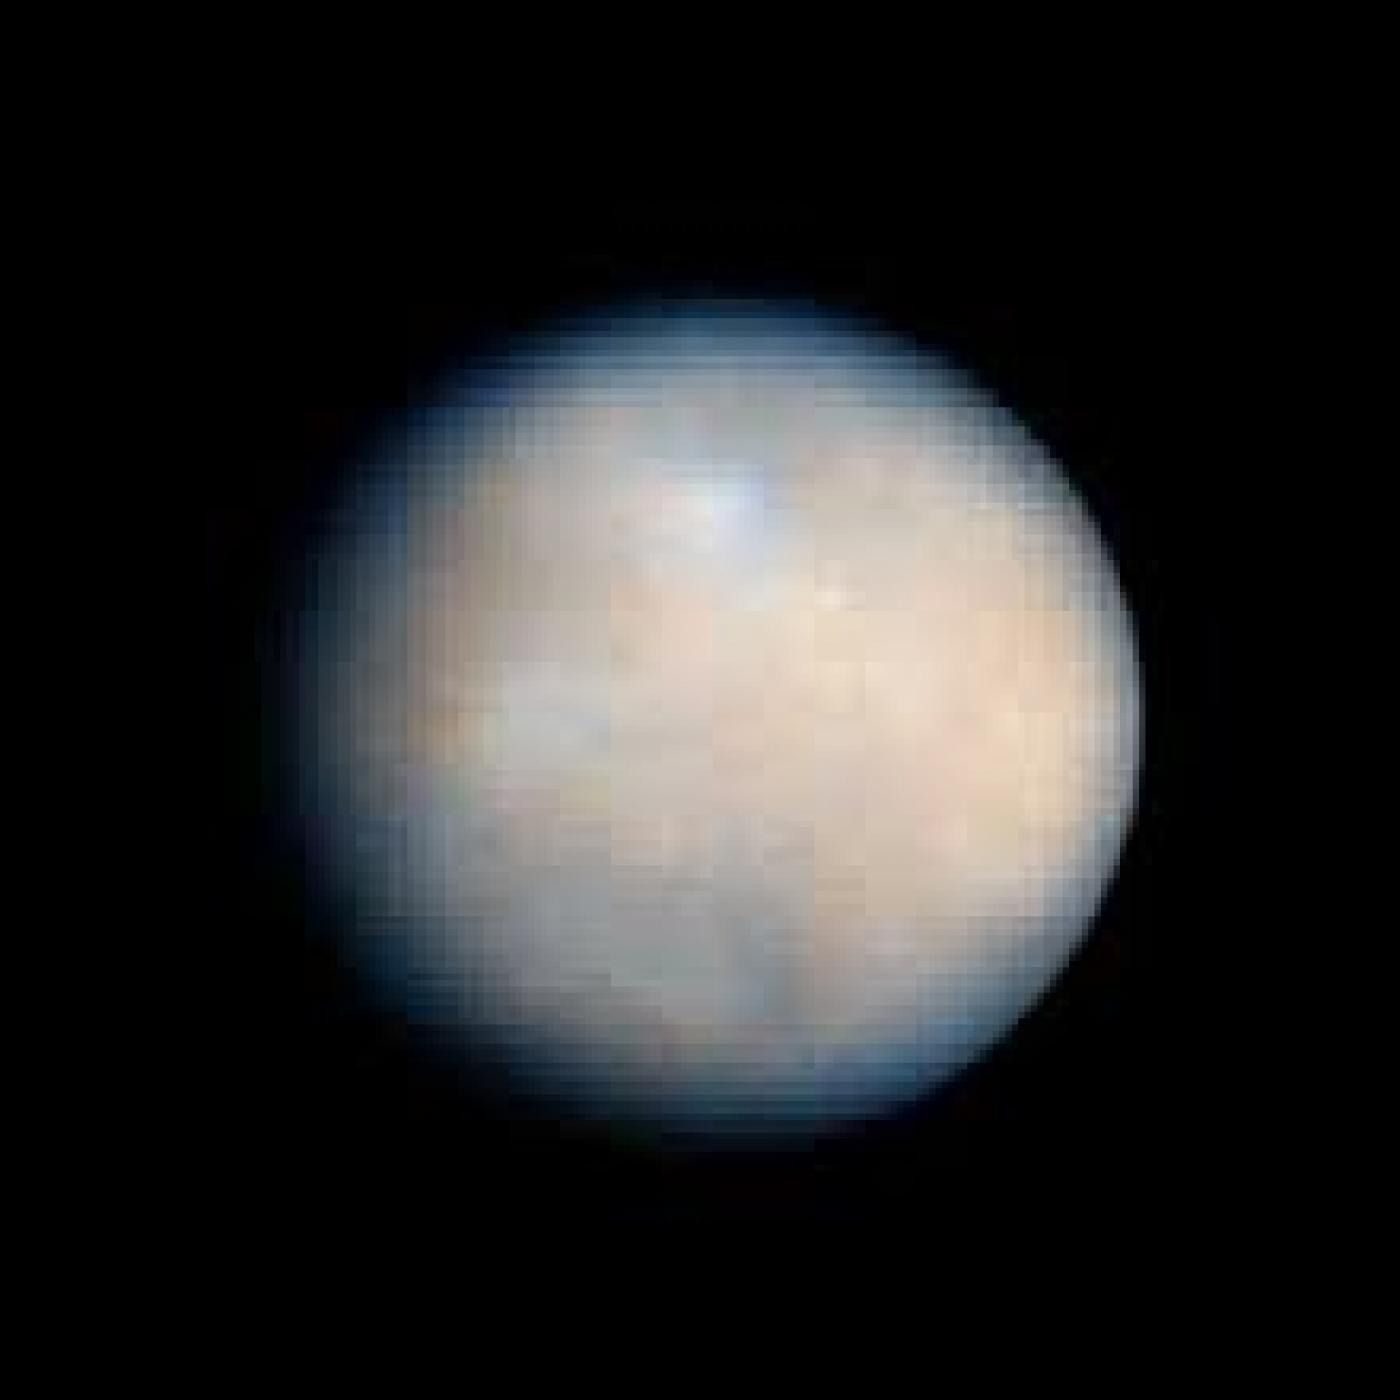 Nuevos e increíbles descubrimientos en Ceres 2016